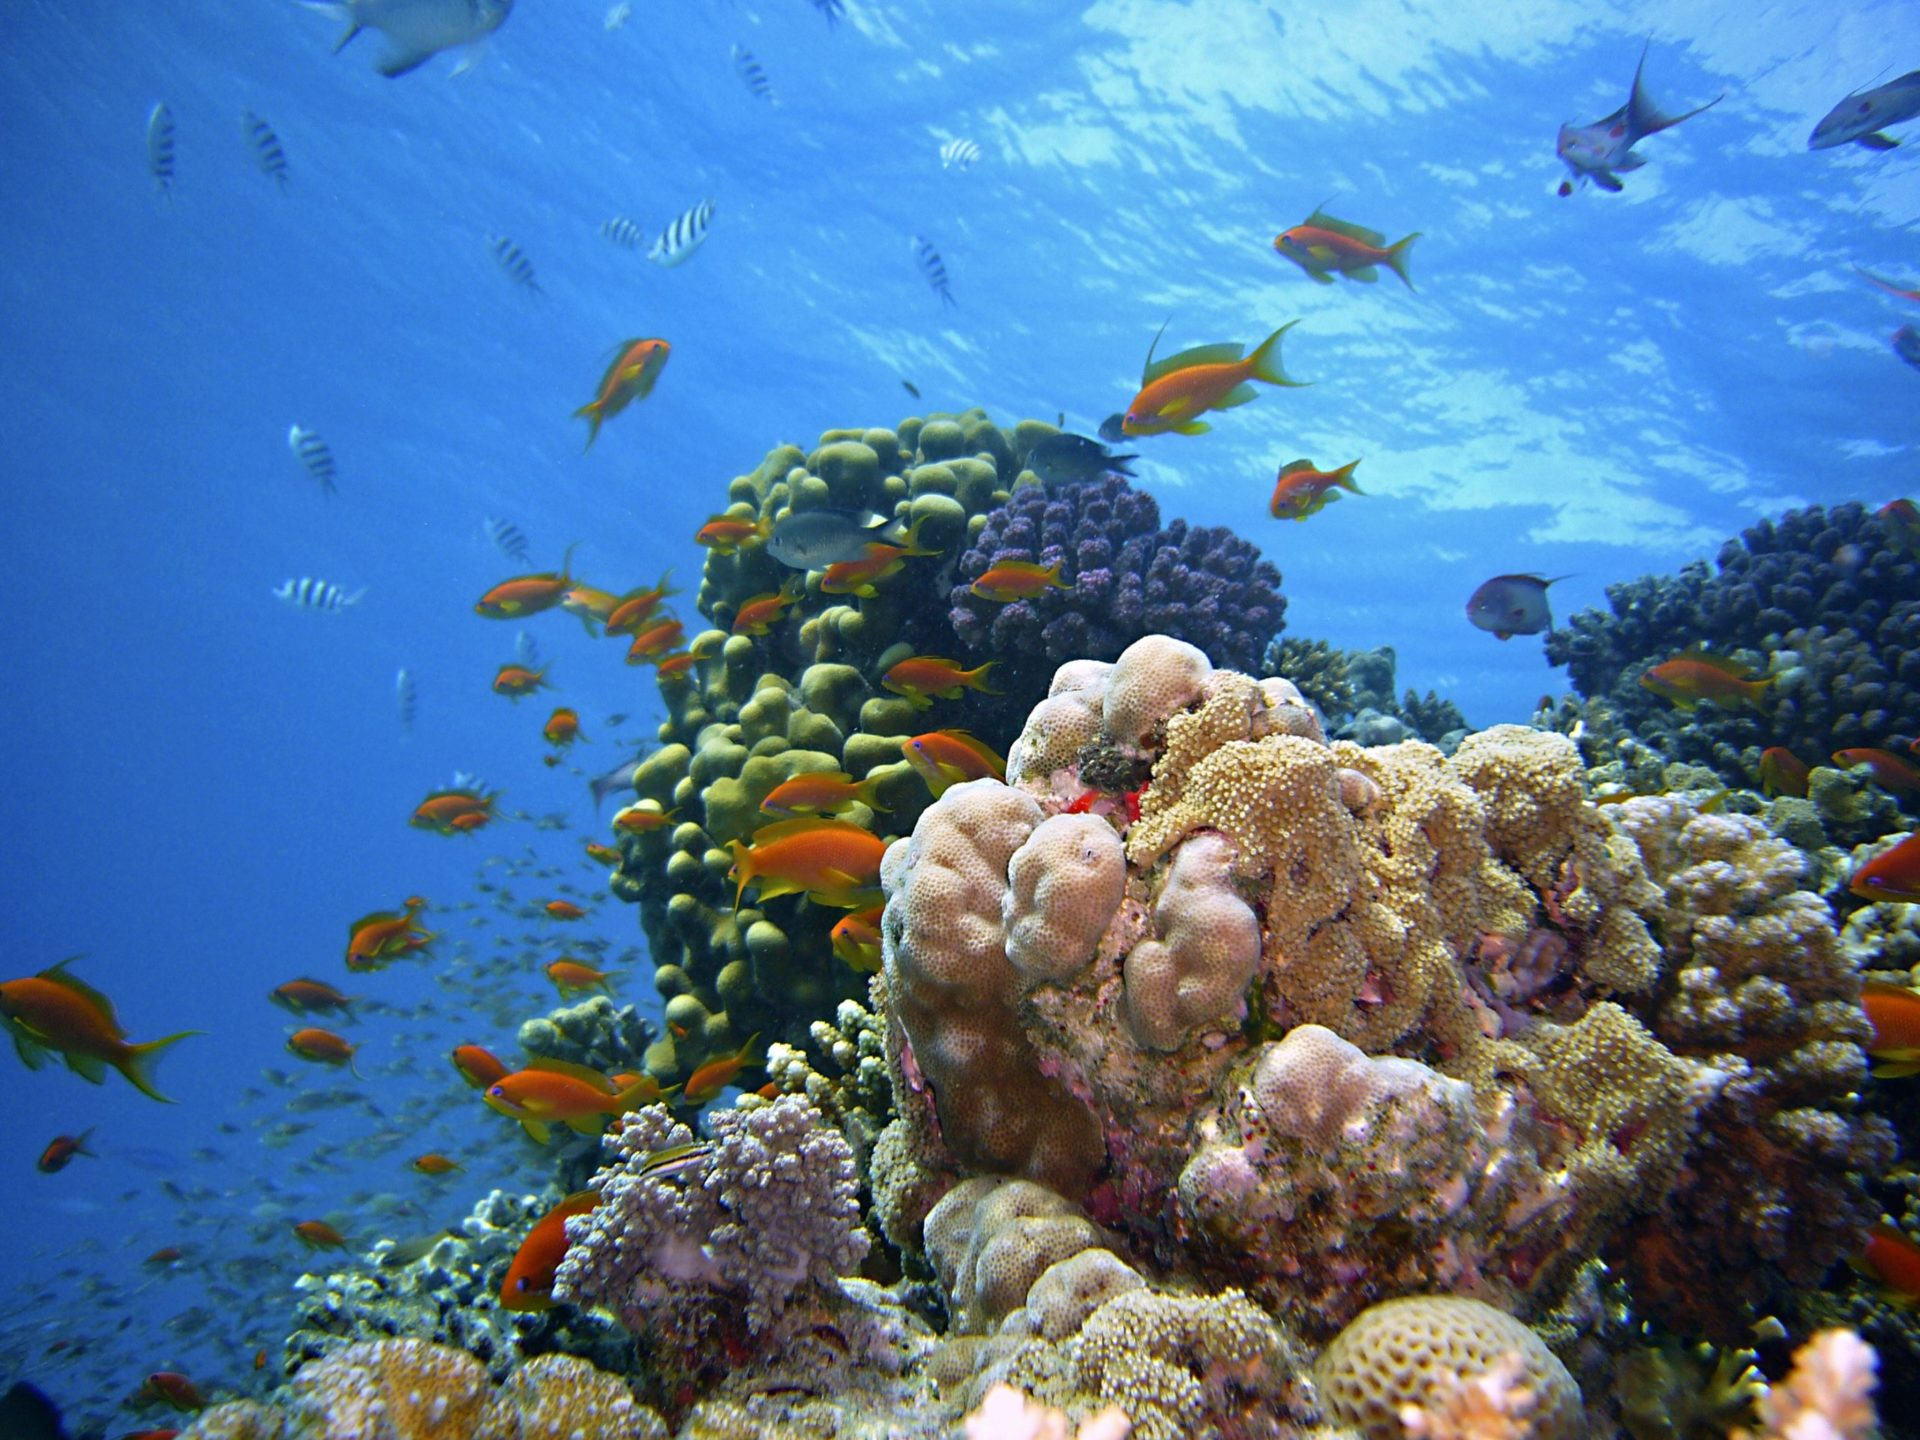 Wassertemperatur Soma Bay: Buntes Korallenriff mit Fischschwärmen und Schwämmen im Roten Meer